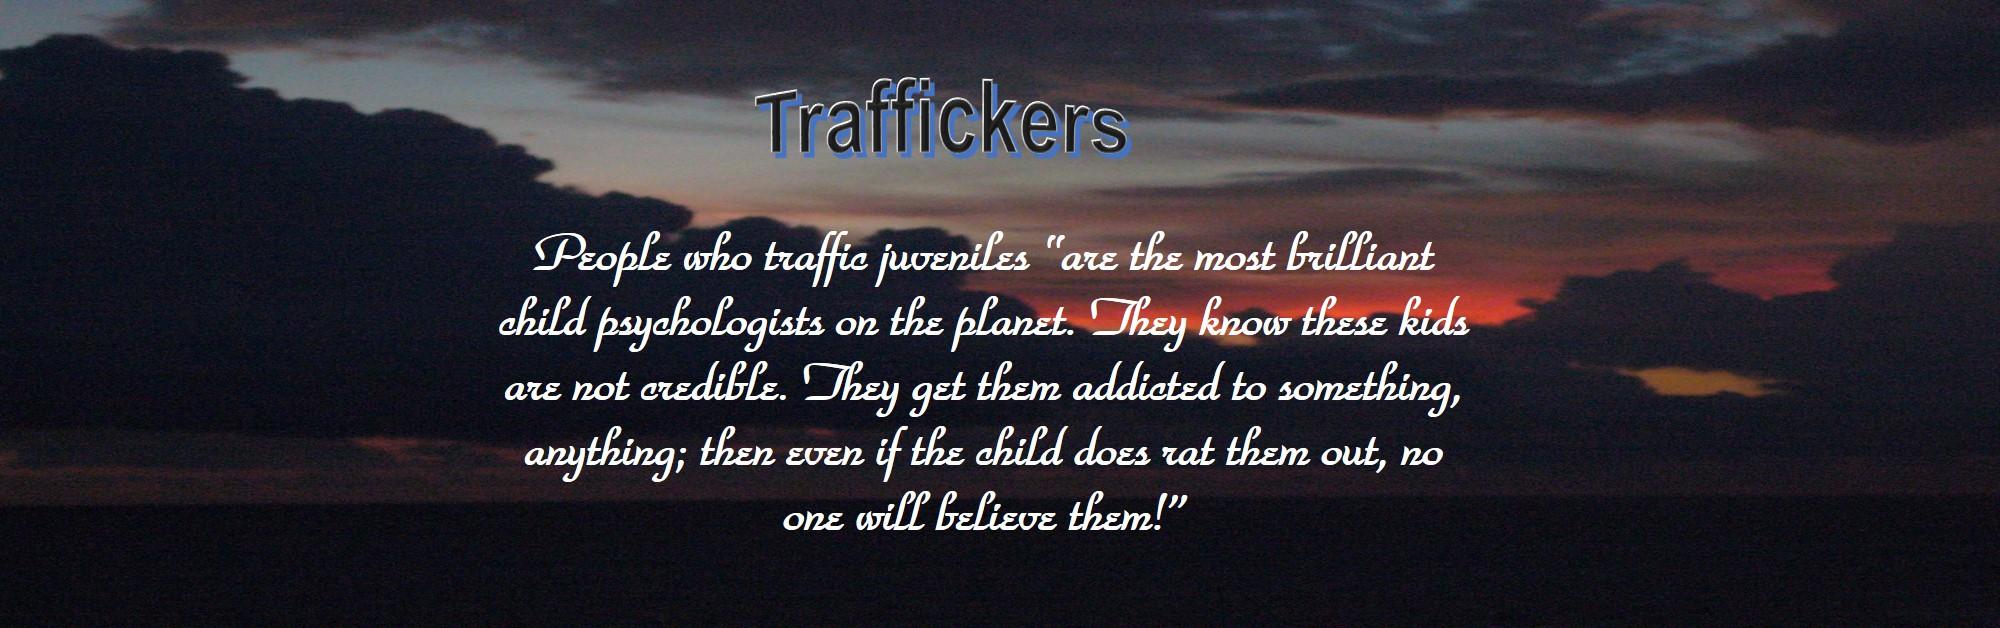 Traffickers.jpg